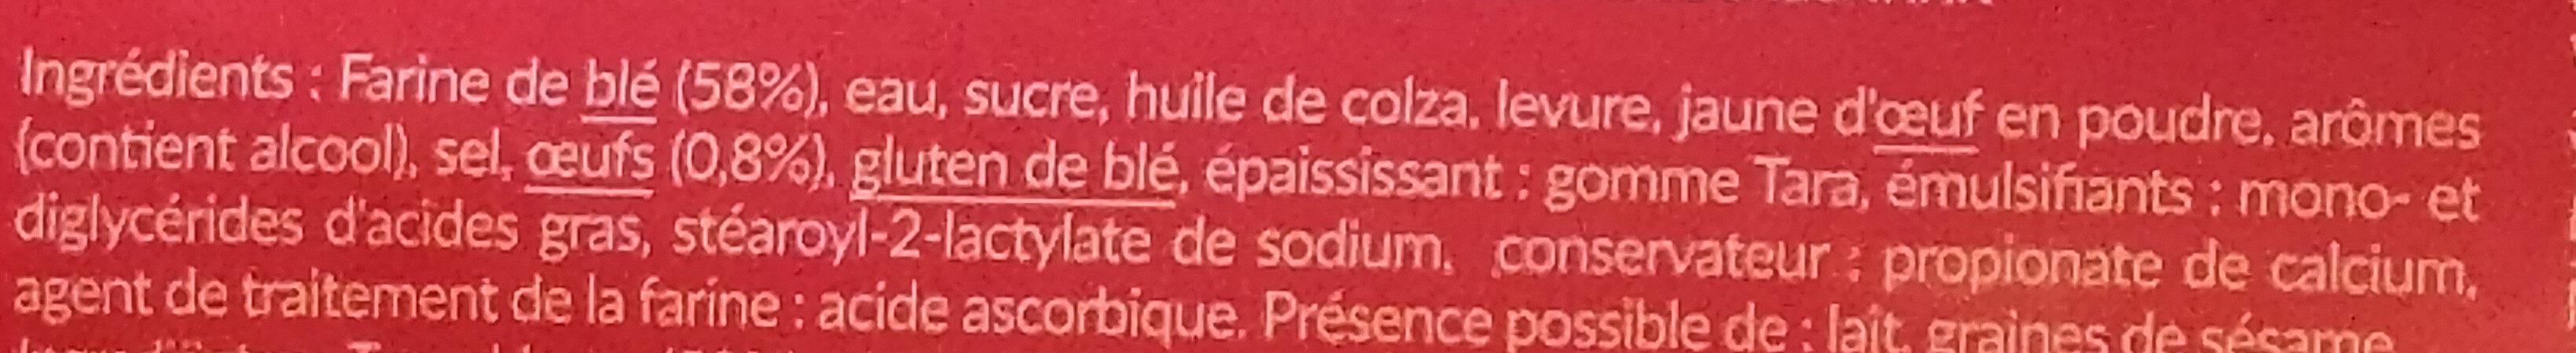 Toasts ronds brioché - Ingrediënten - fr